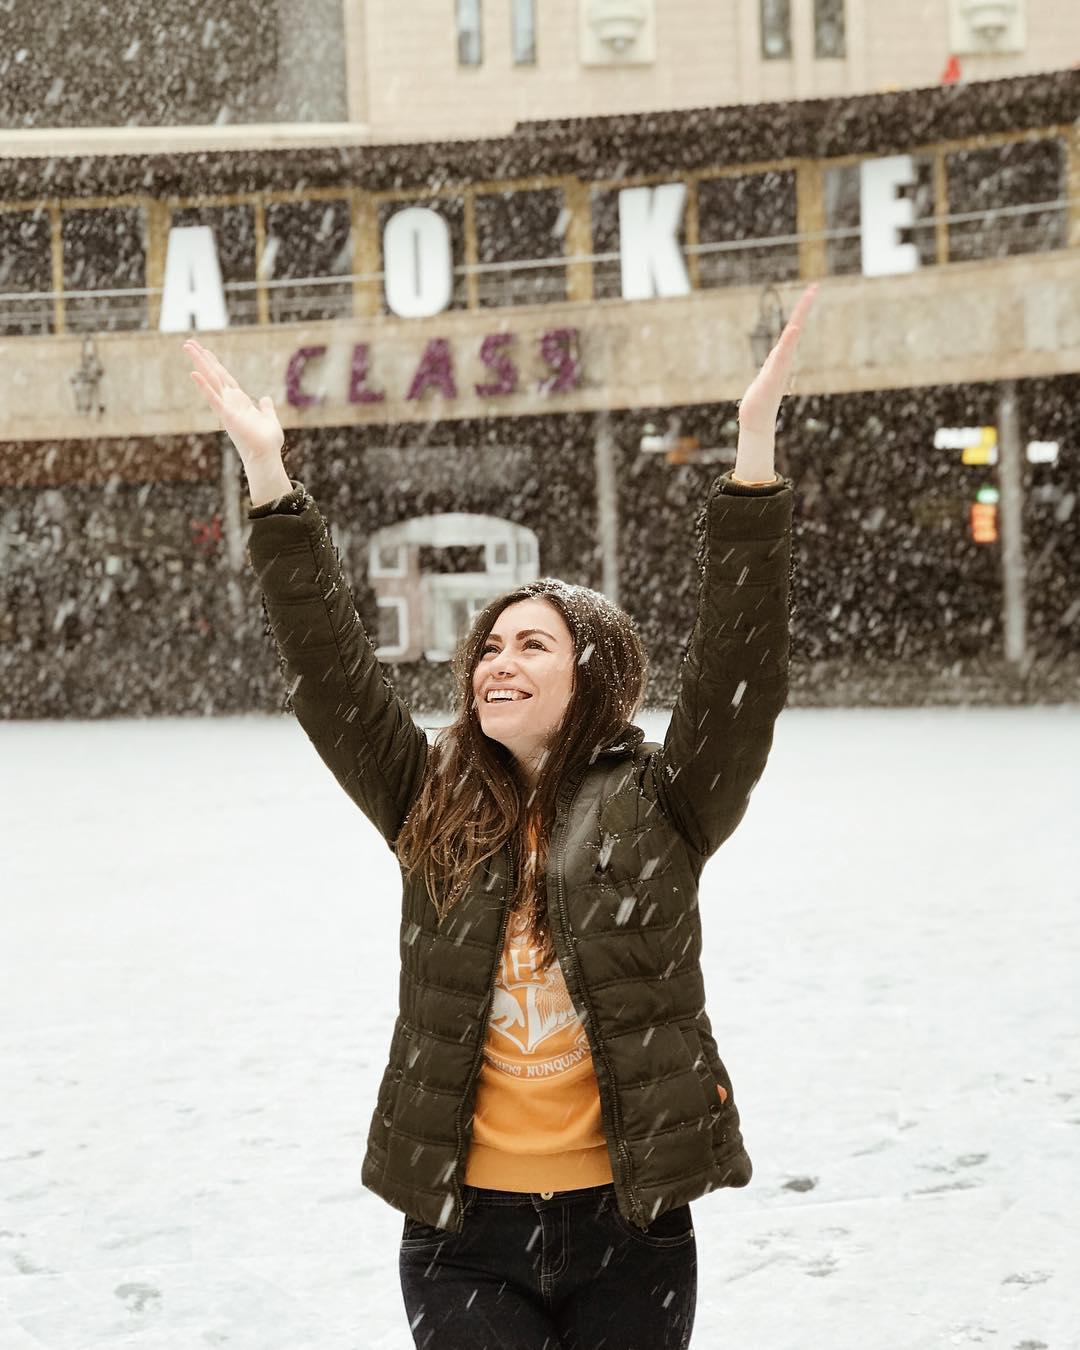 Первый снег! Ура! Фото: @al_malinovna